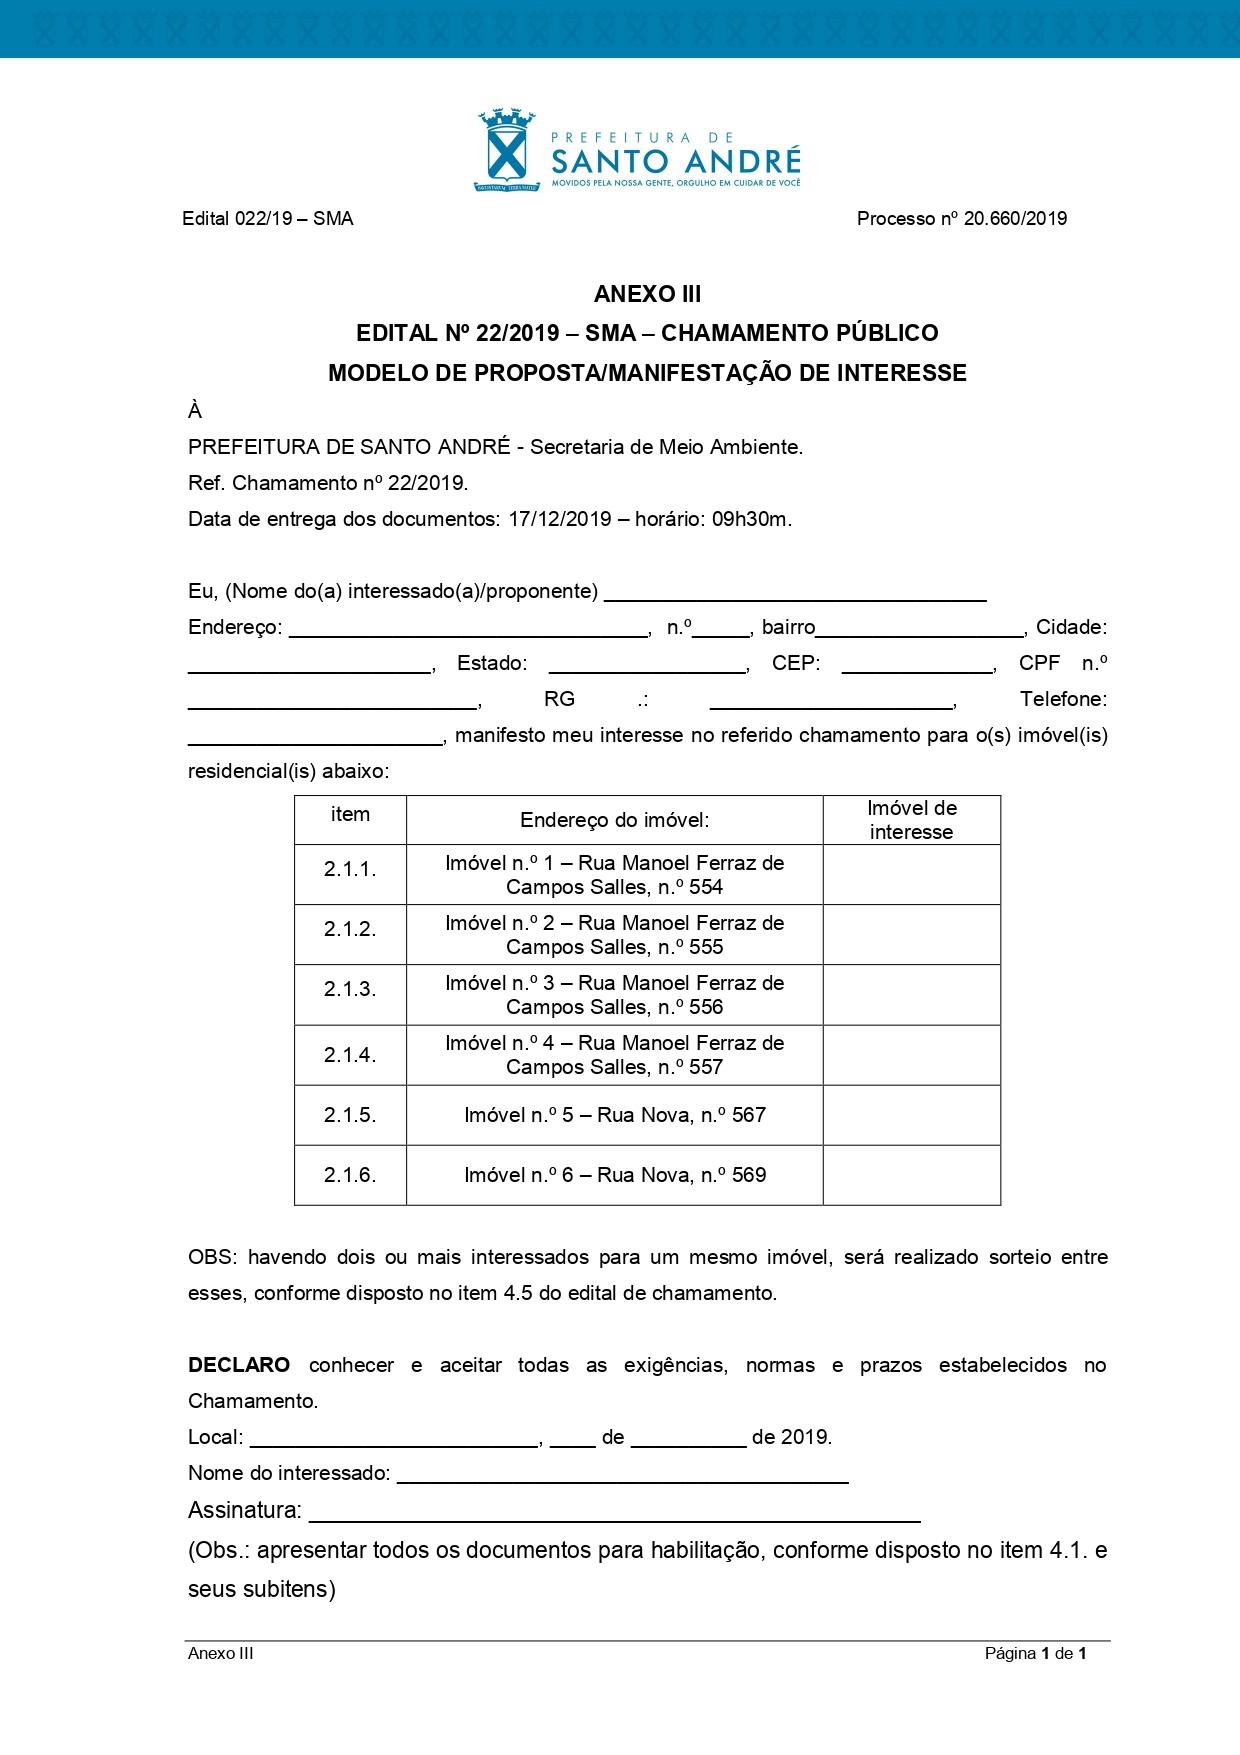 EDITAL 022-2019_SMA_IMÓVEIS RESIDENCIAIS_5882_pages-to-jpg-0018